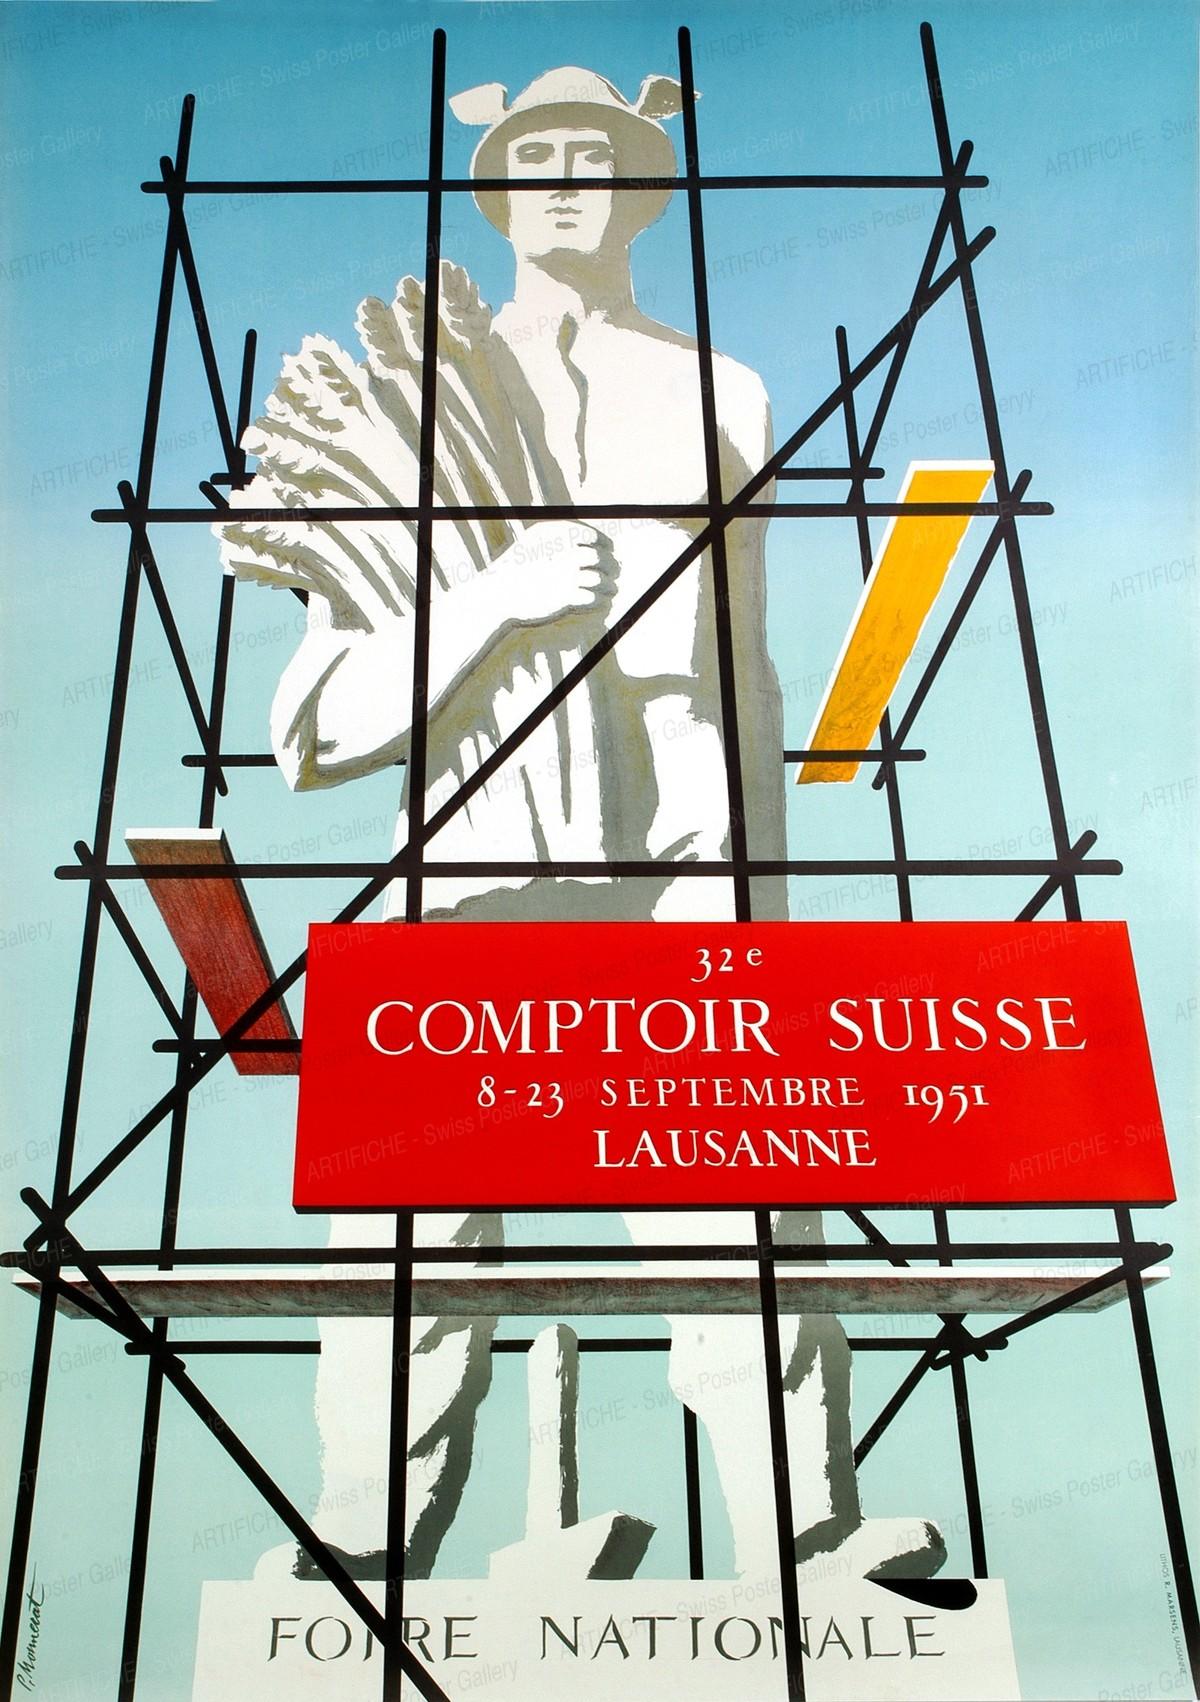 32e Foire National Comptoir Suisse 8 – 23 Septembre 1951 Lausanne, Pierre Monnerat